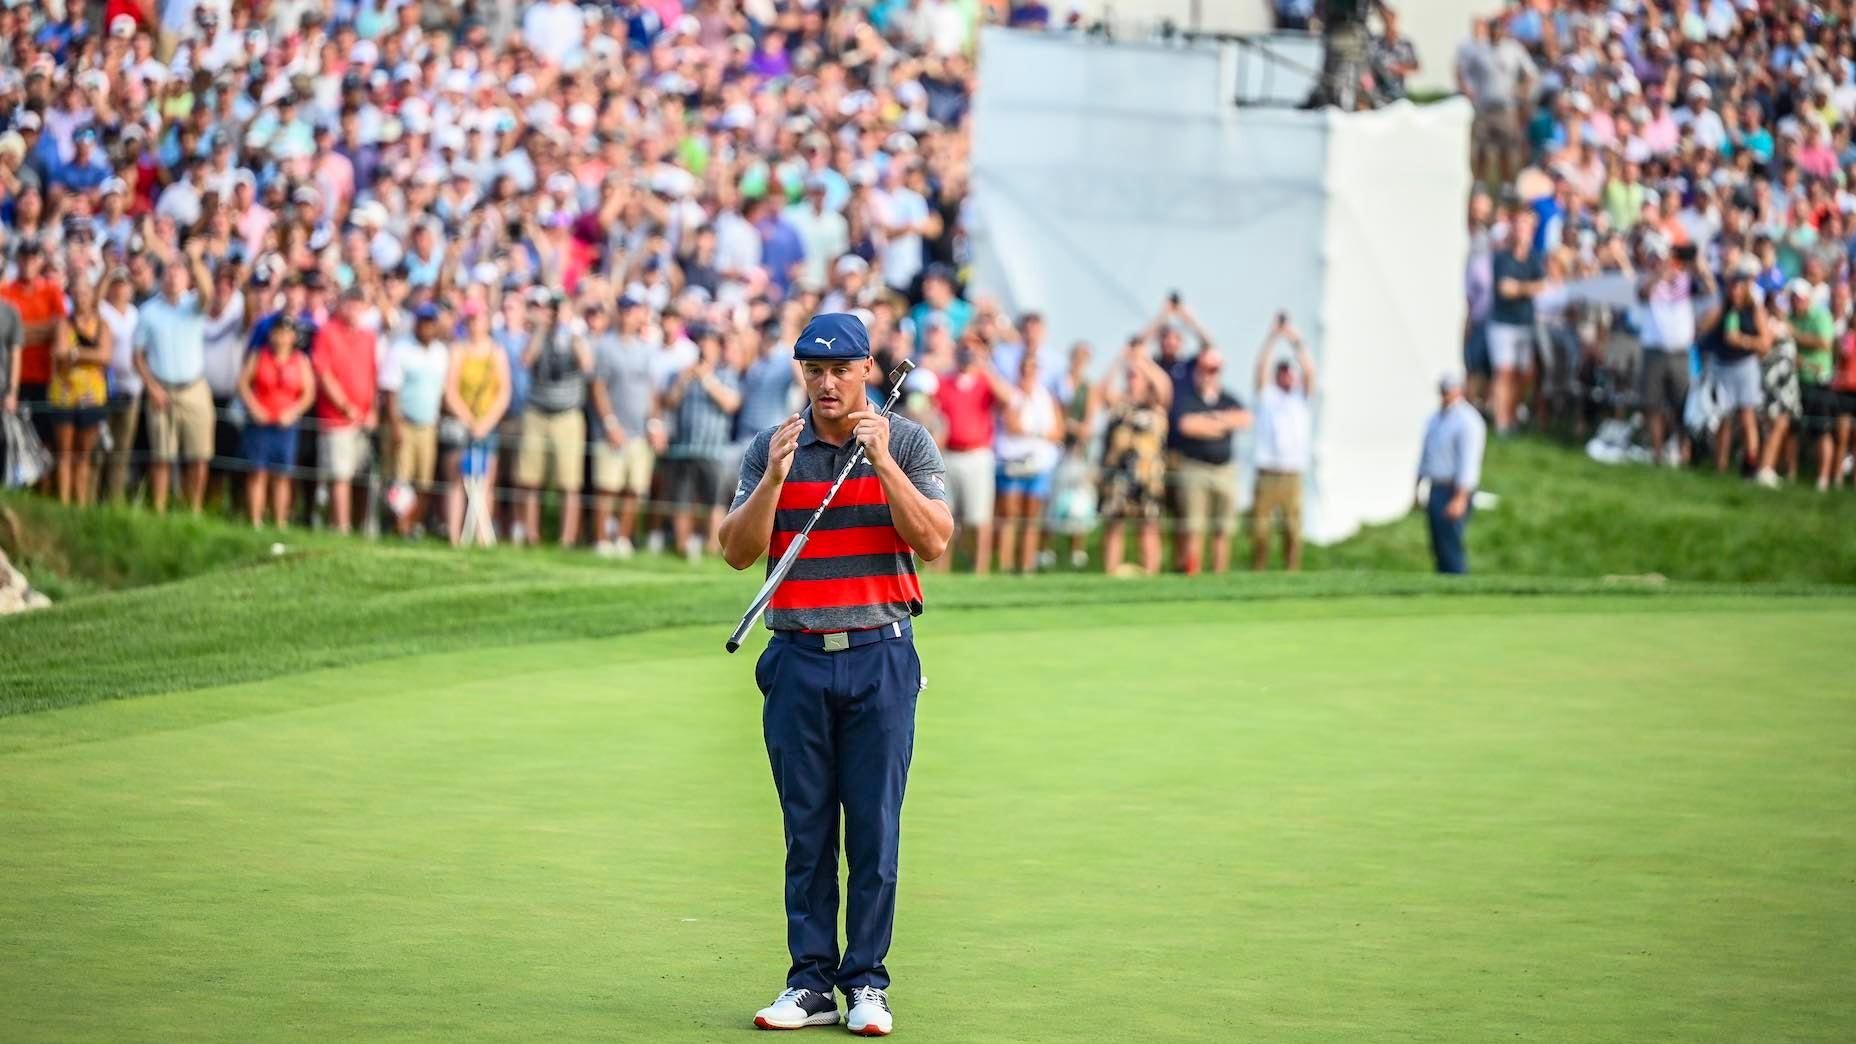 Les chahuteurs de Bryson DeChambeau ne seront pas tolérés, selon le commissaire du PGA Tour Jay Monahan.